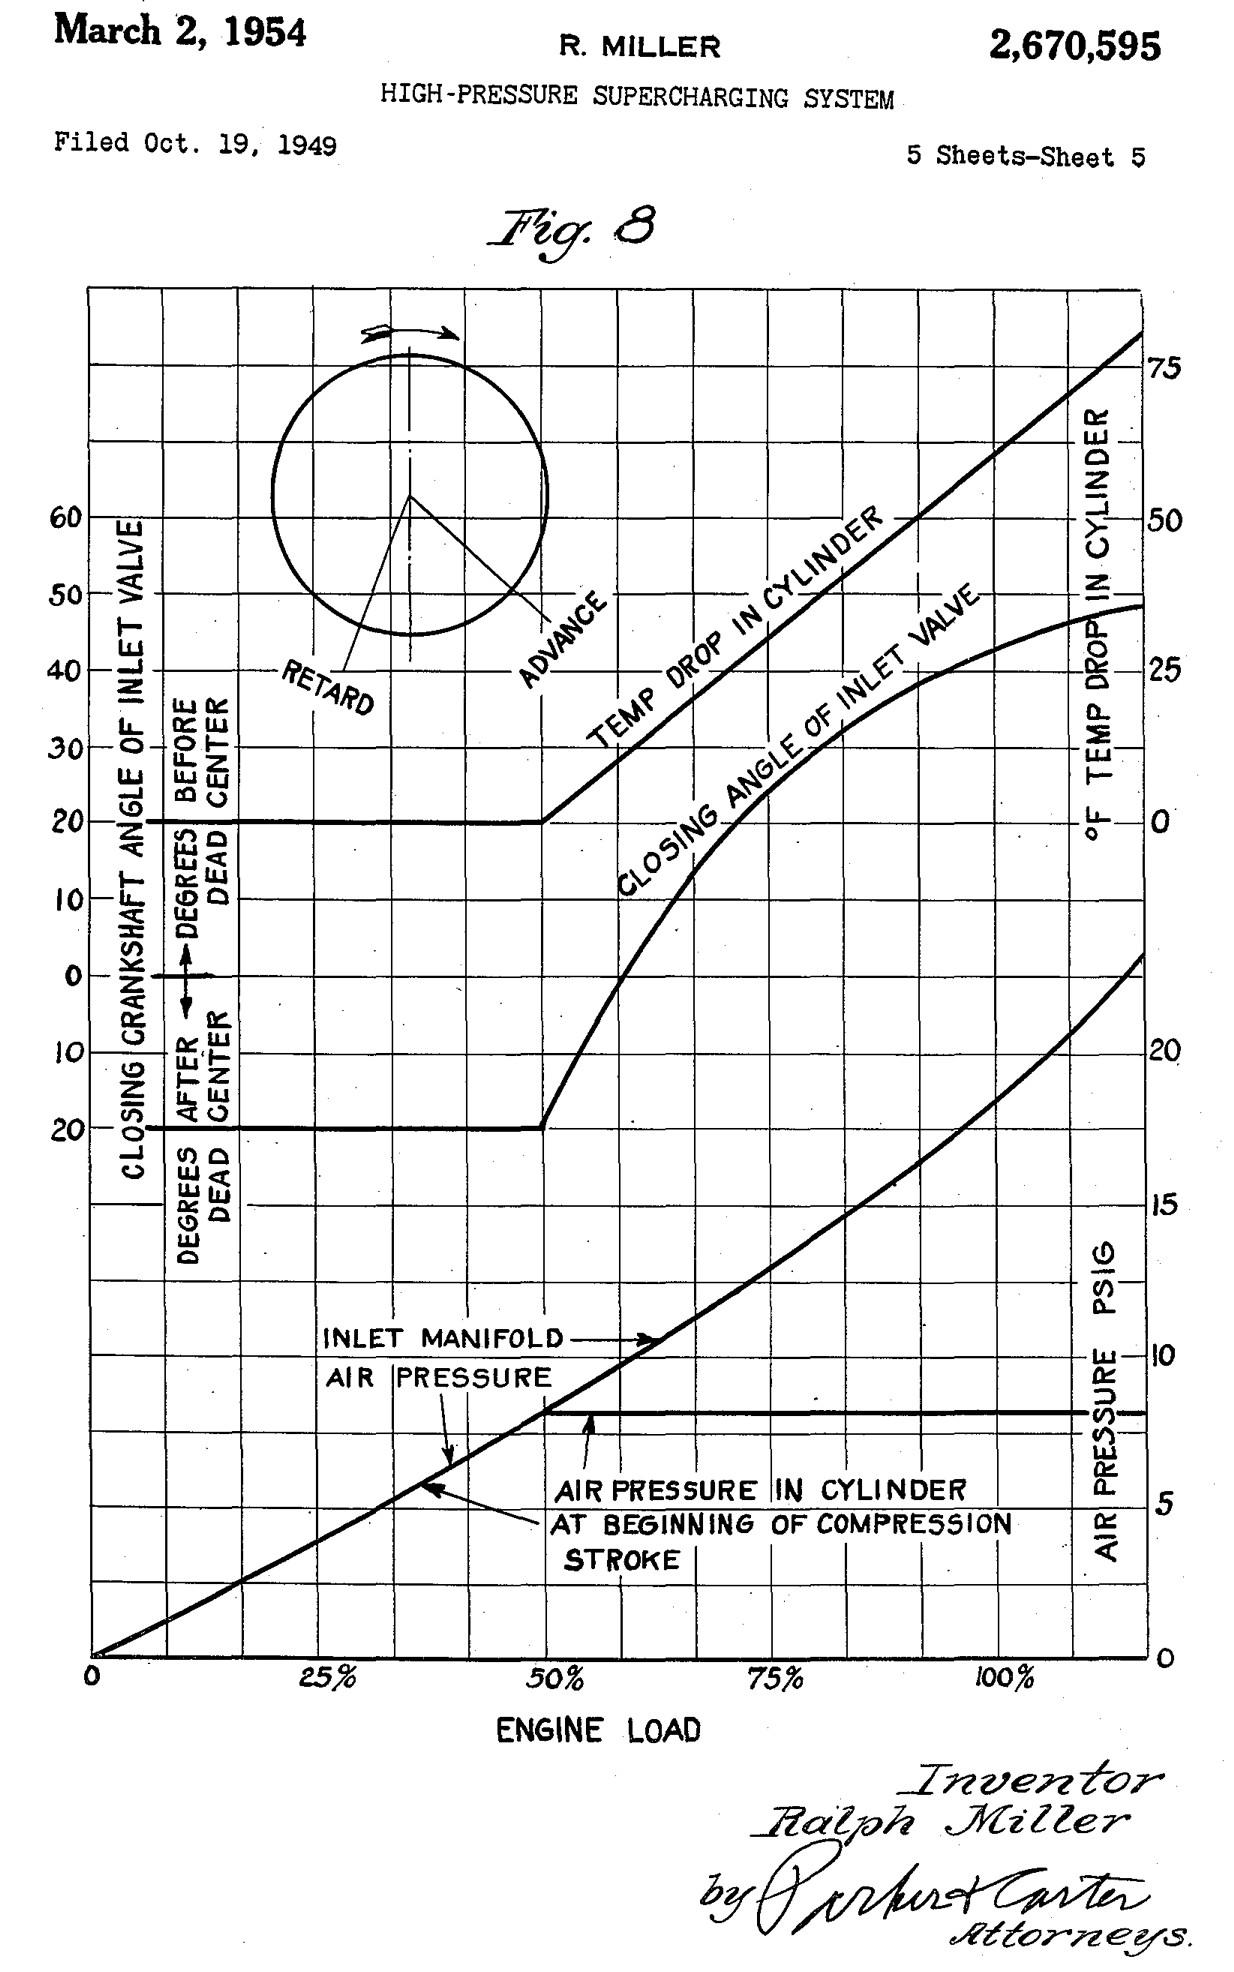 Valve Timing Diagram for Four Stroke Diesel Engine Miller Cycle Engines Of Valve Timing Diagram for Four Stroke Diesel Engine